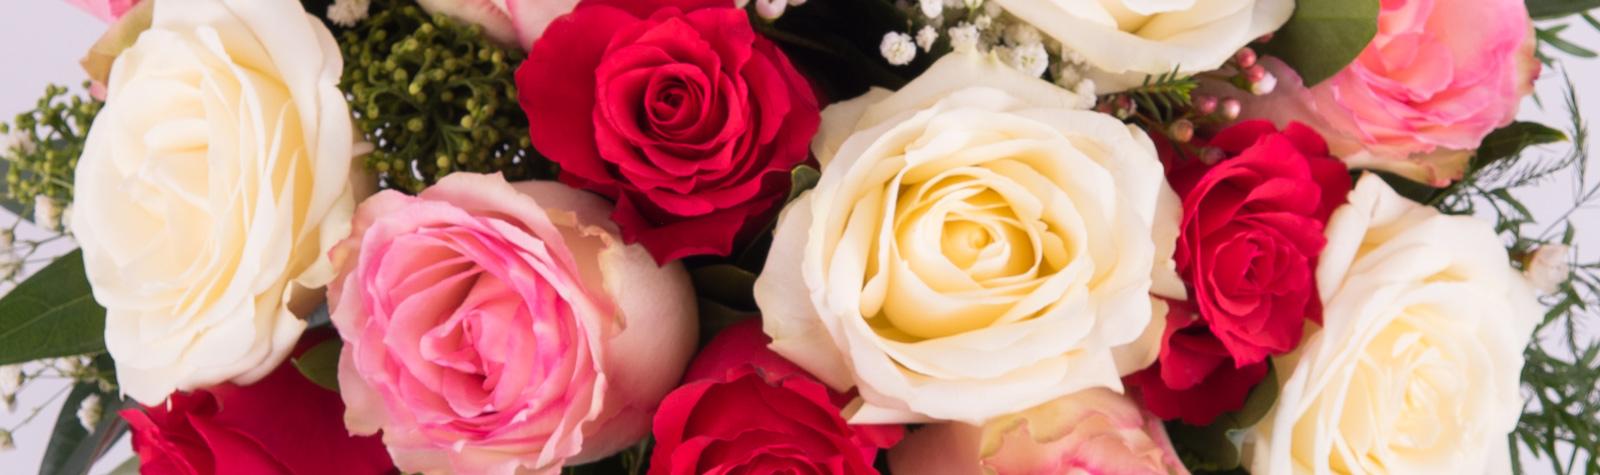 Conoce el significado del color de las rosas